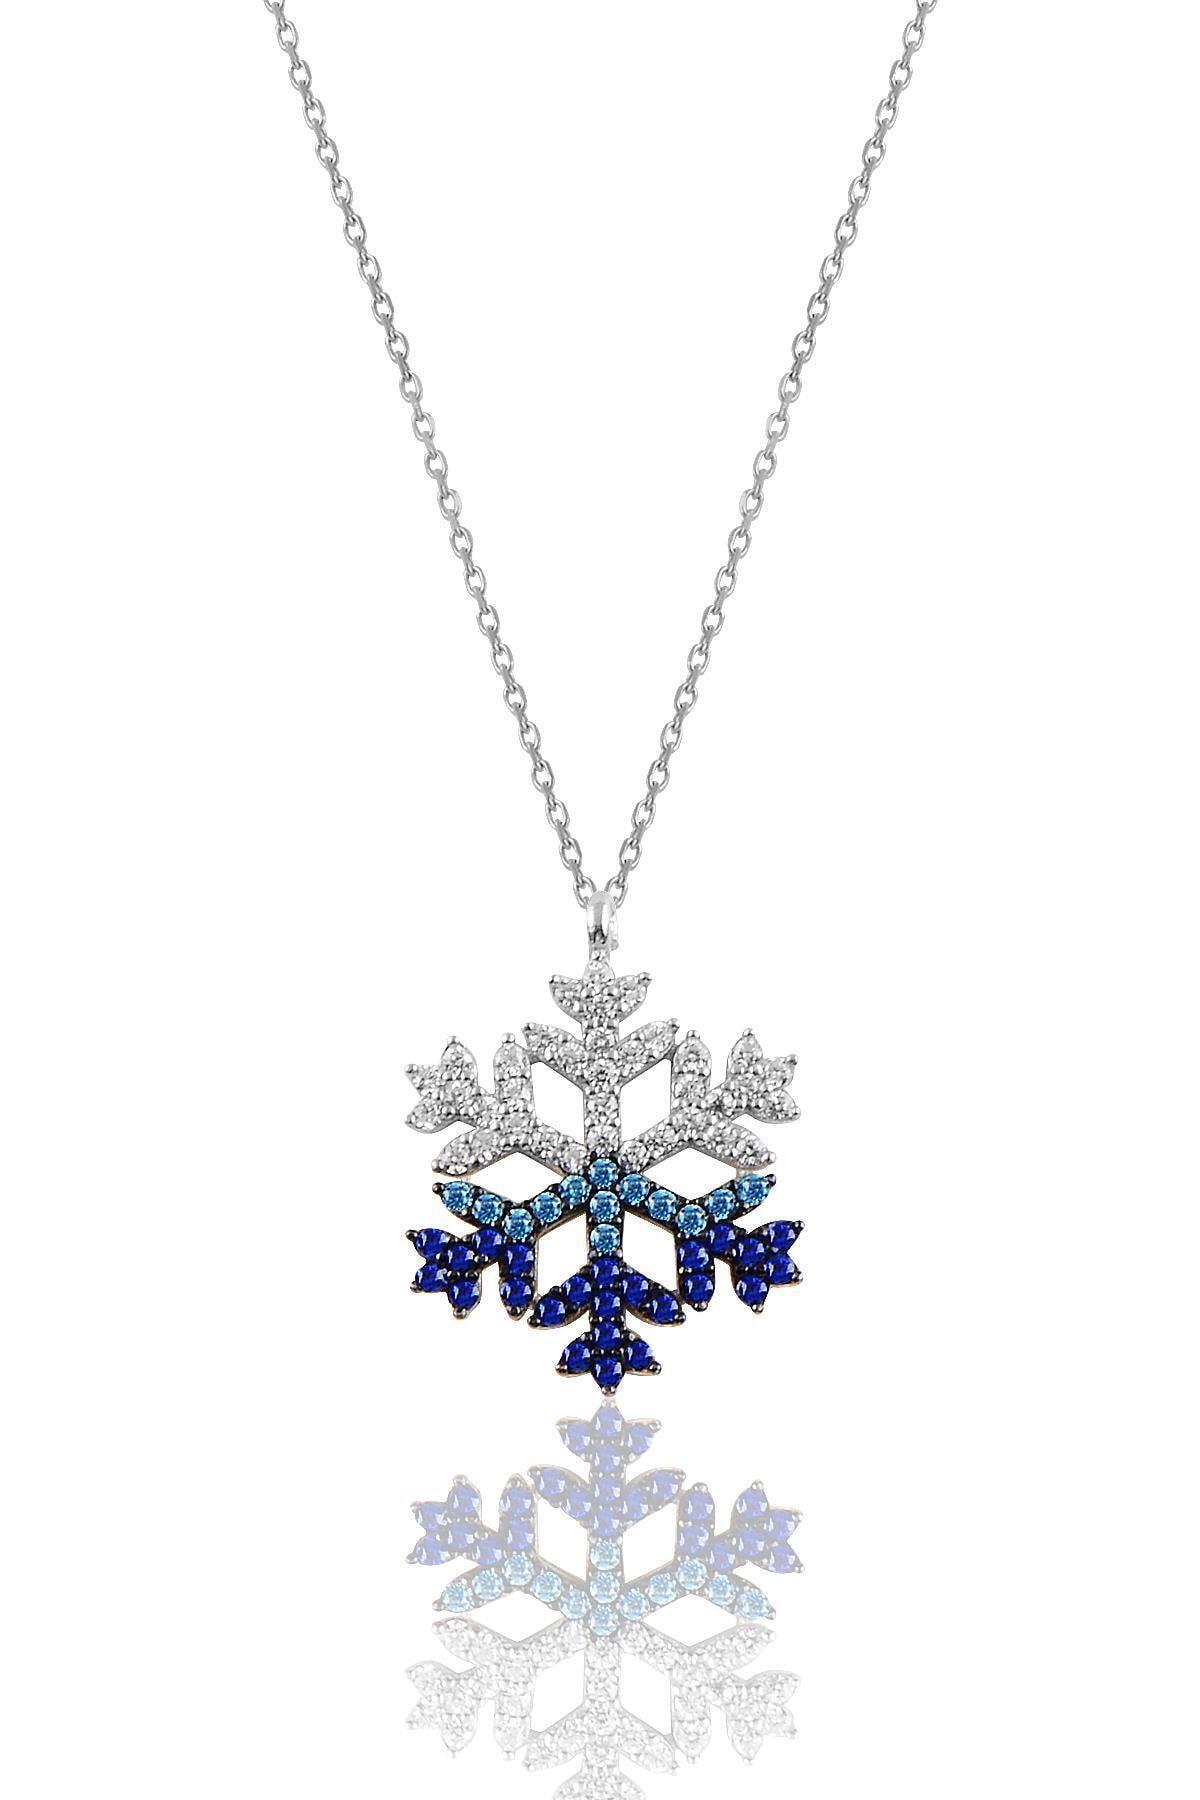 Söğütlü Silver Gümüş Rodyumlu Renkli Taşlı Kar Tanesi Kolye 1